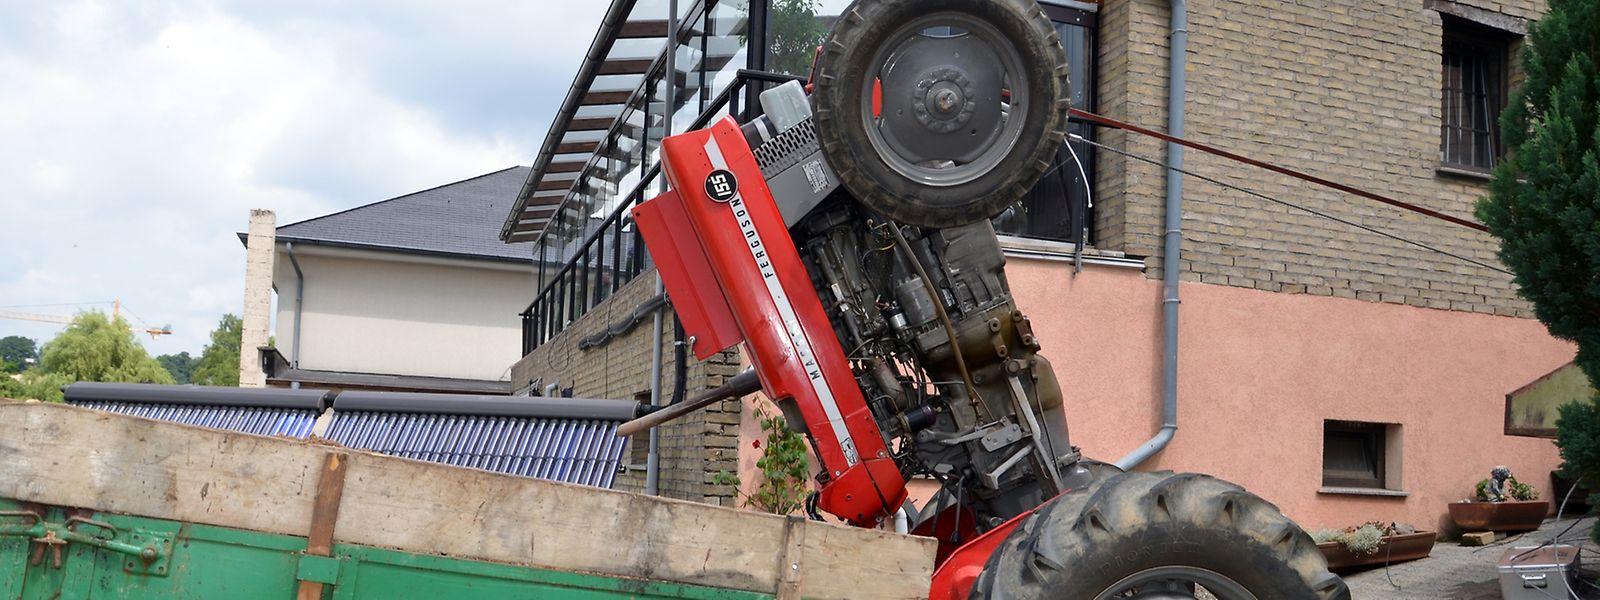 In Alzingen wurde ein Mann zwischen seinem Traktor und dem Anhänger des Fahrzeugs eingeklemmt.